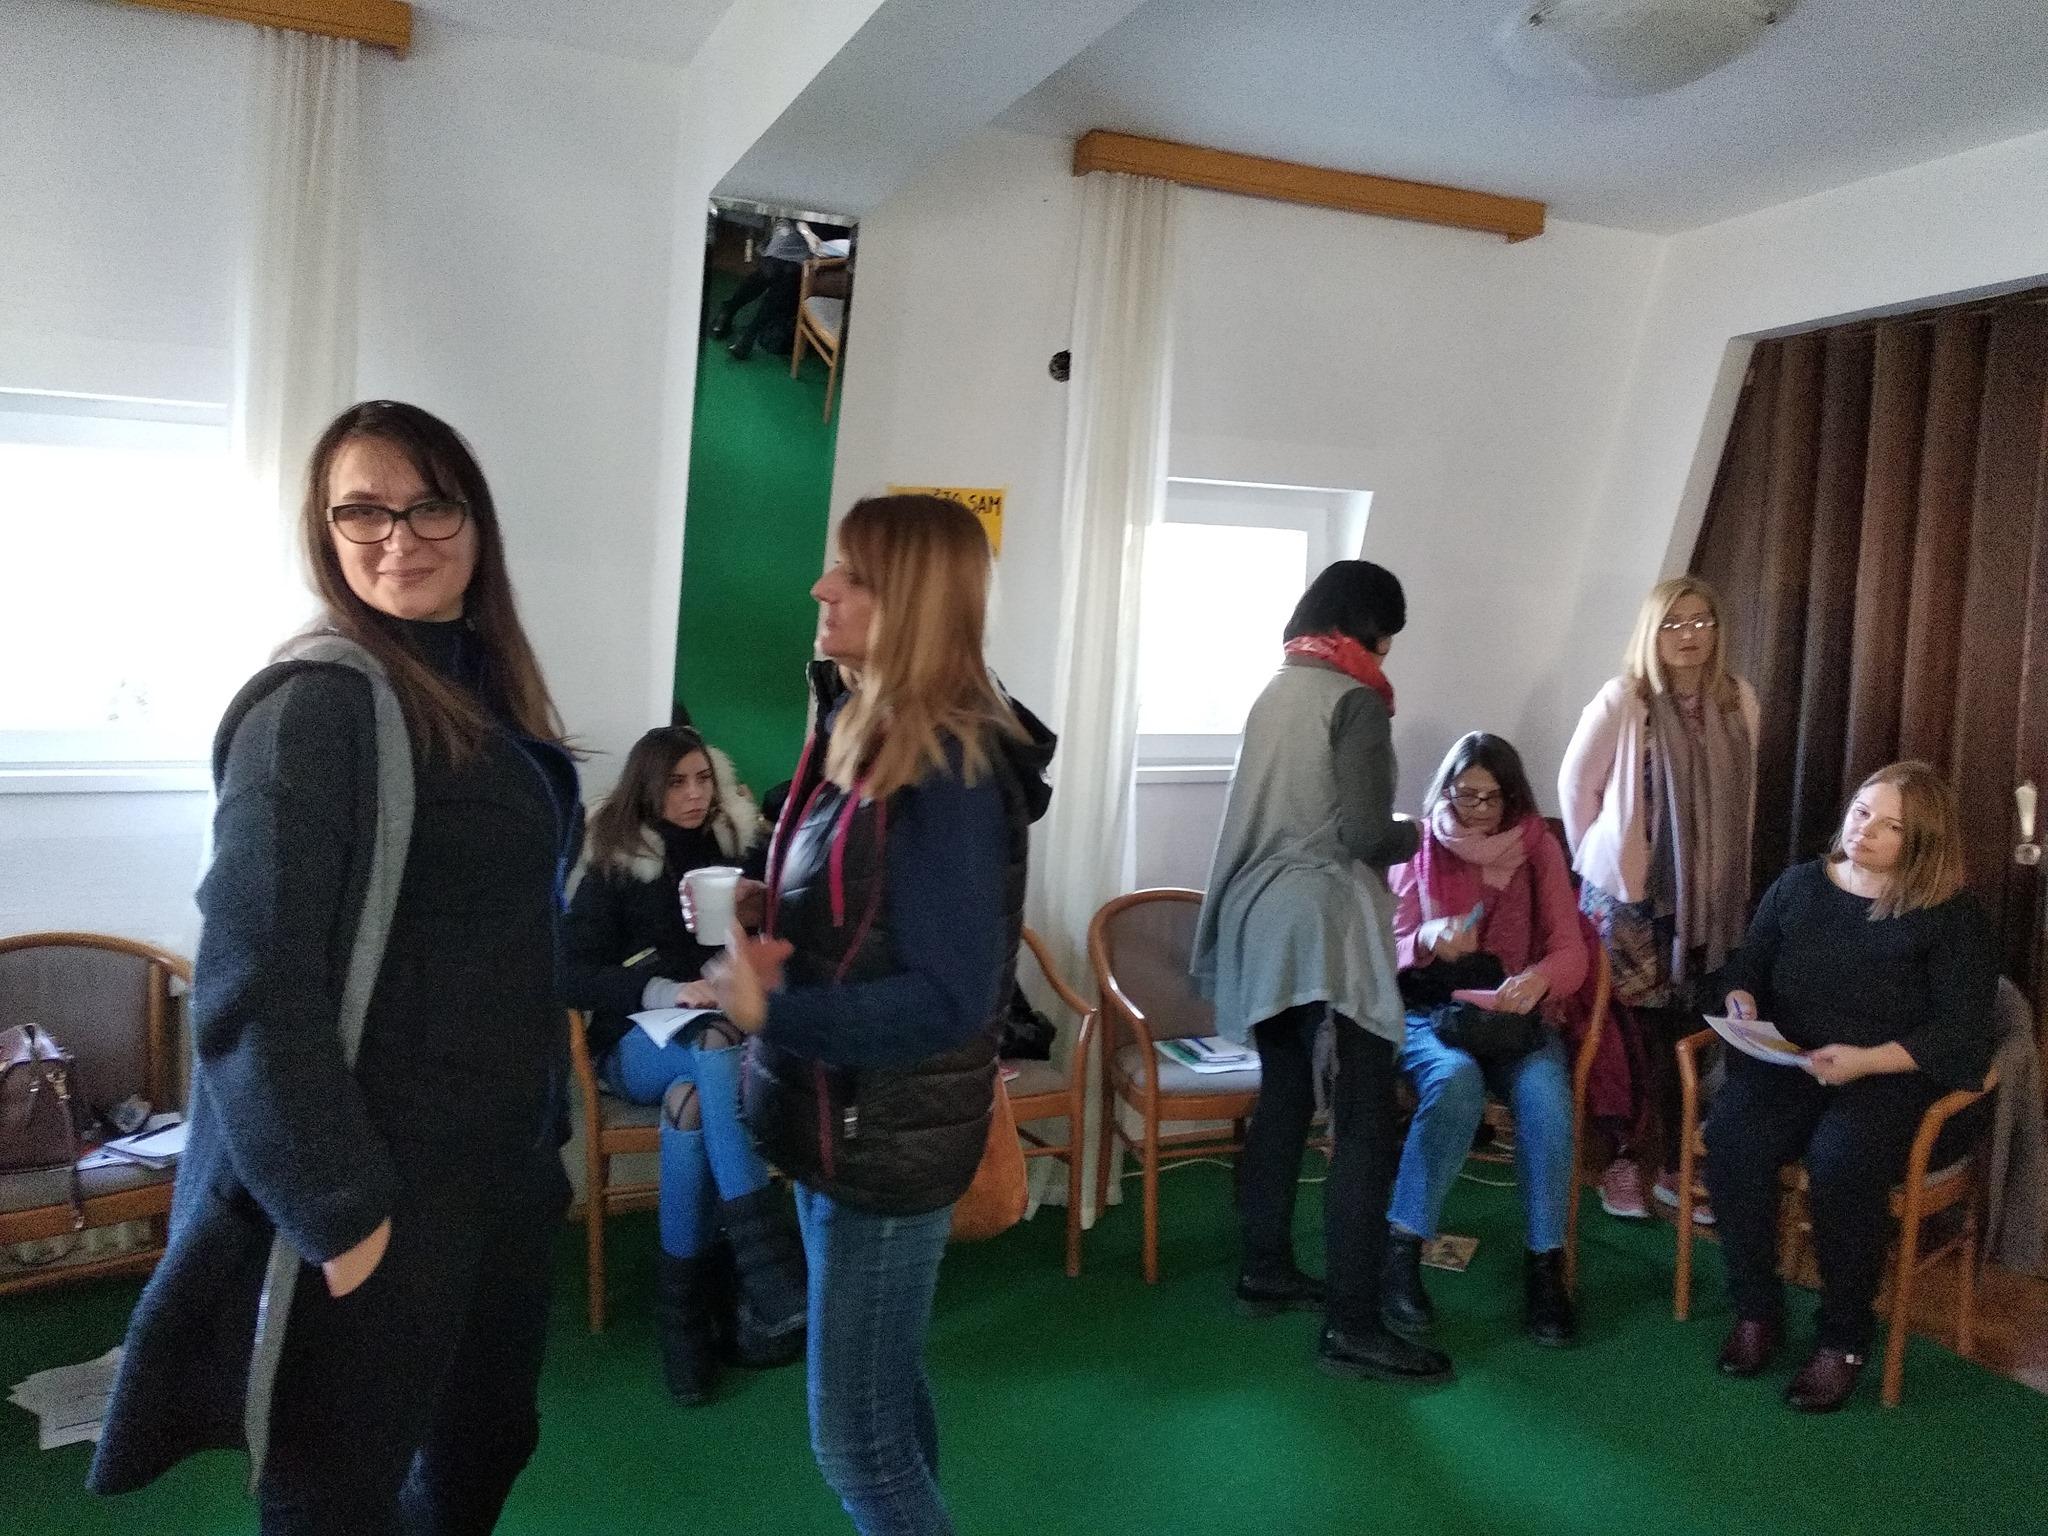 Udruzenje zena Pescanik - Feministički pristup traumi seksualnog nasilja i briga o sebi